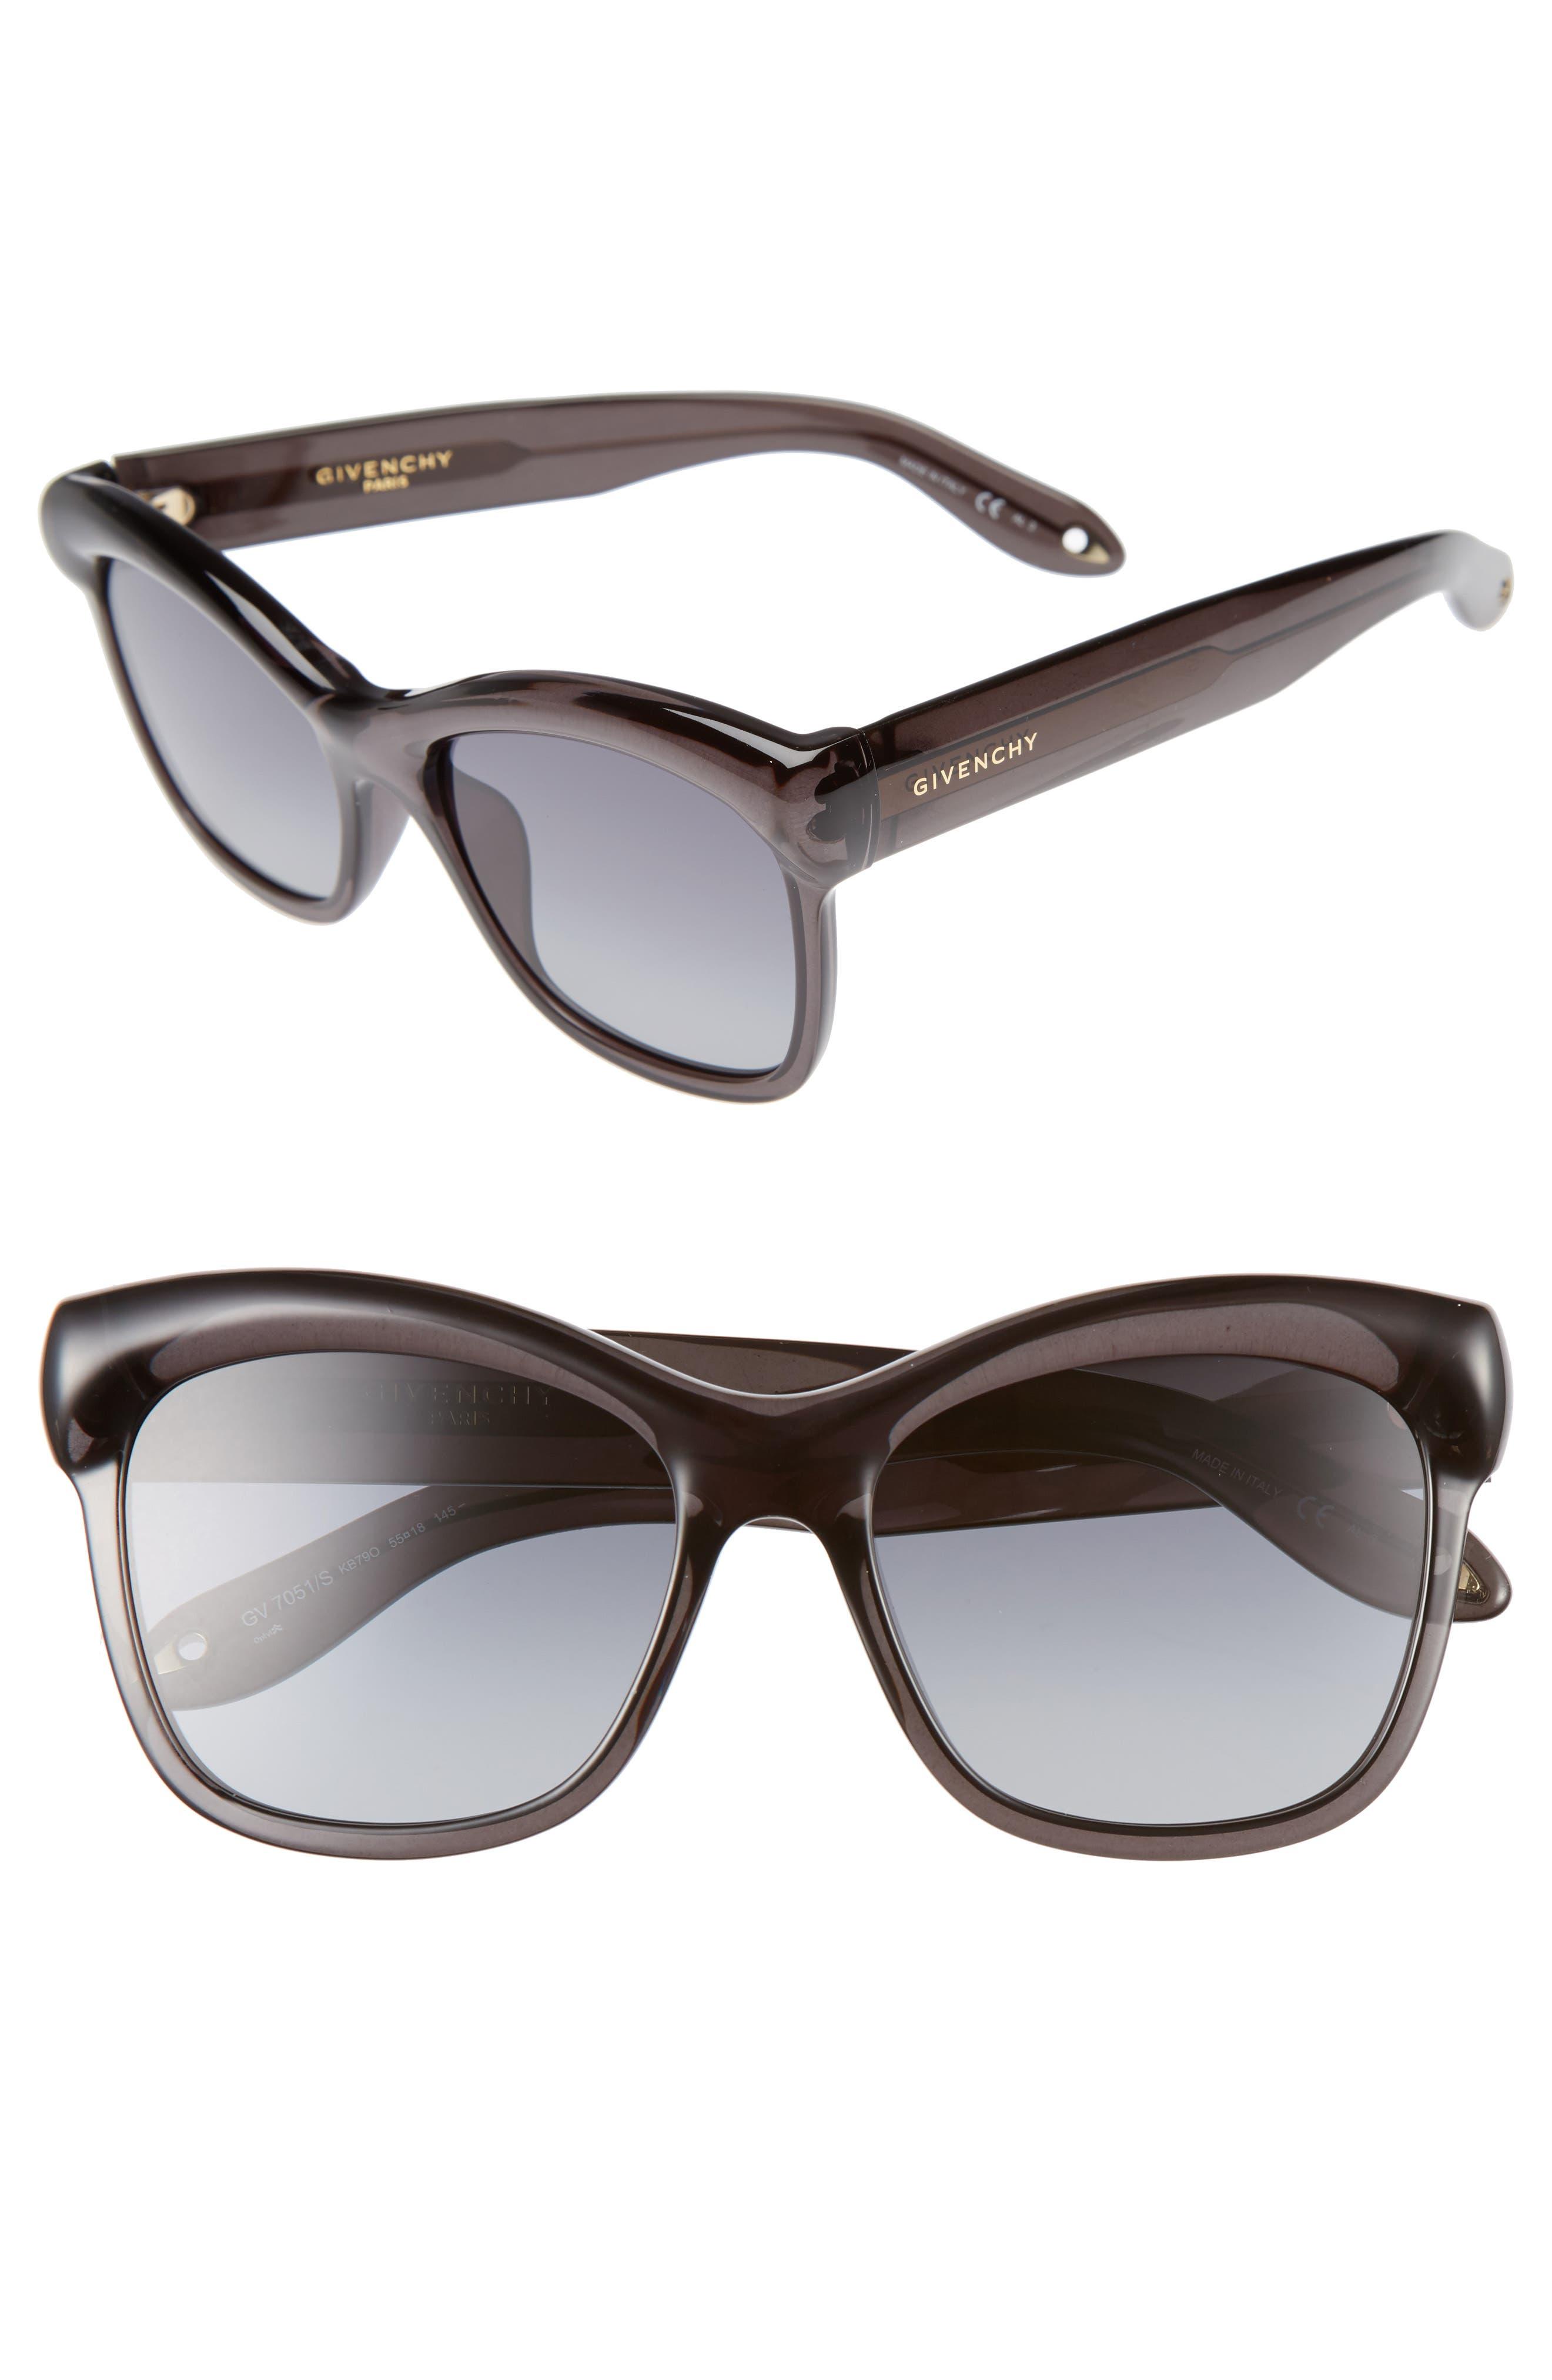 55mm Retro Sunglasses,                         Main,                         color, 020